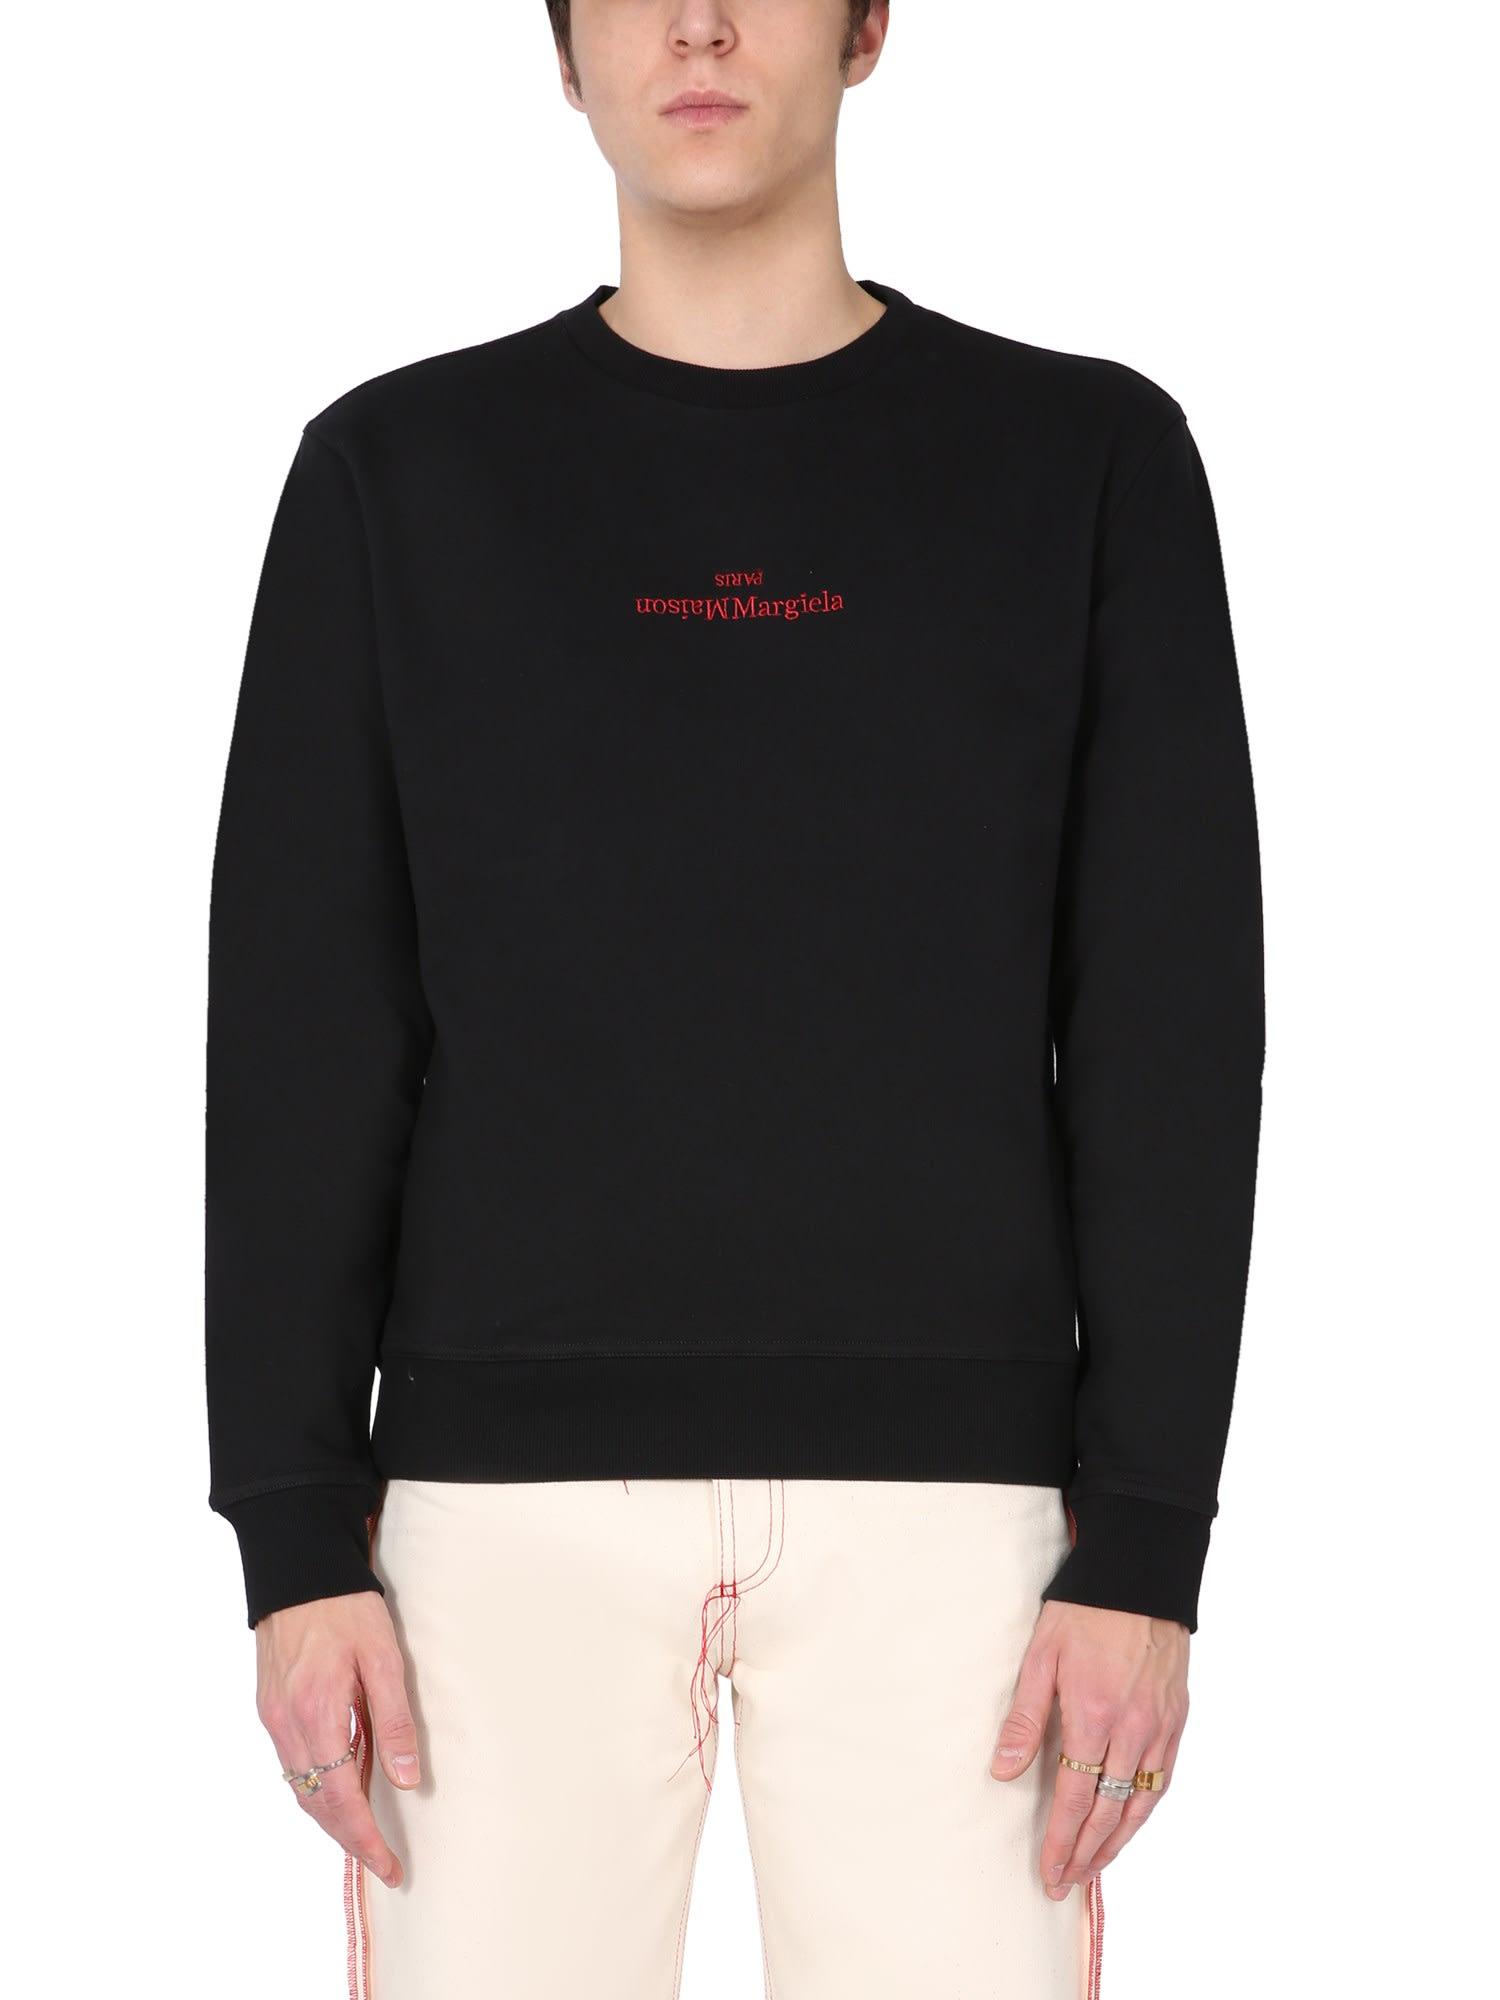 Maison Margiela Sweatshirt With Embroidered Logo